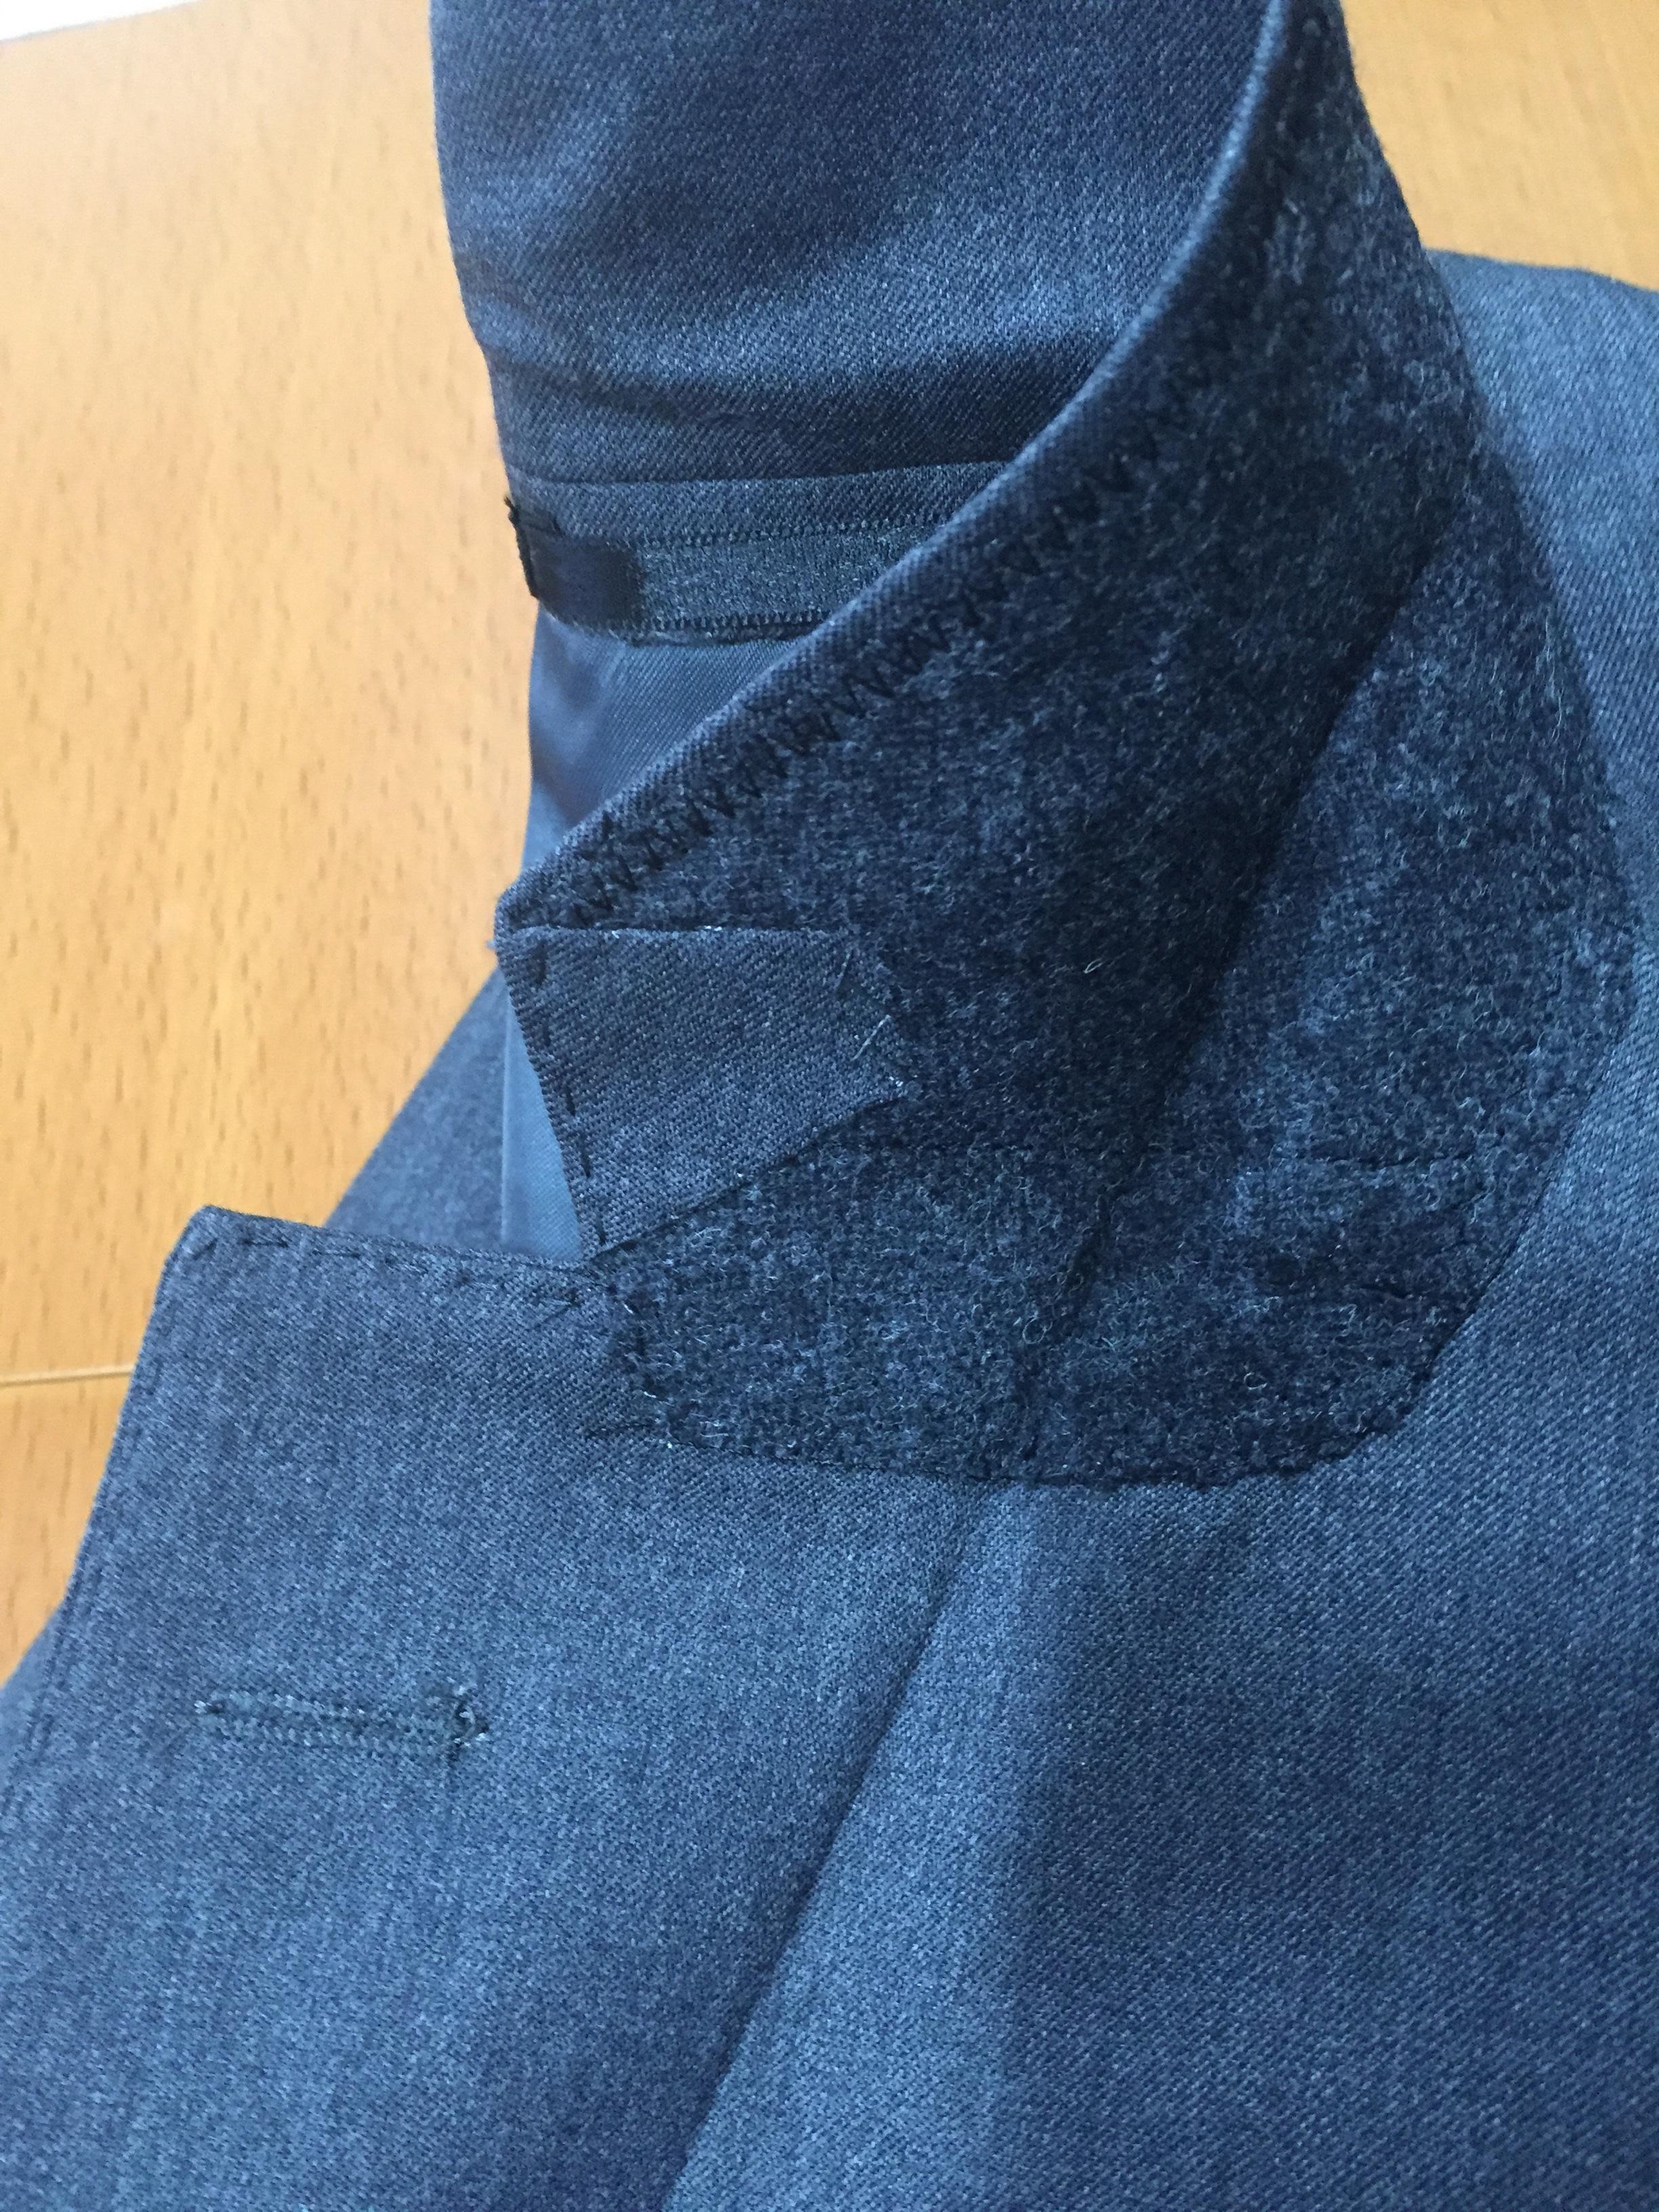 スーツのパーツを覚えておきましょう VOL5